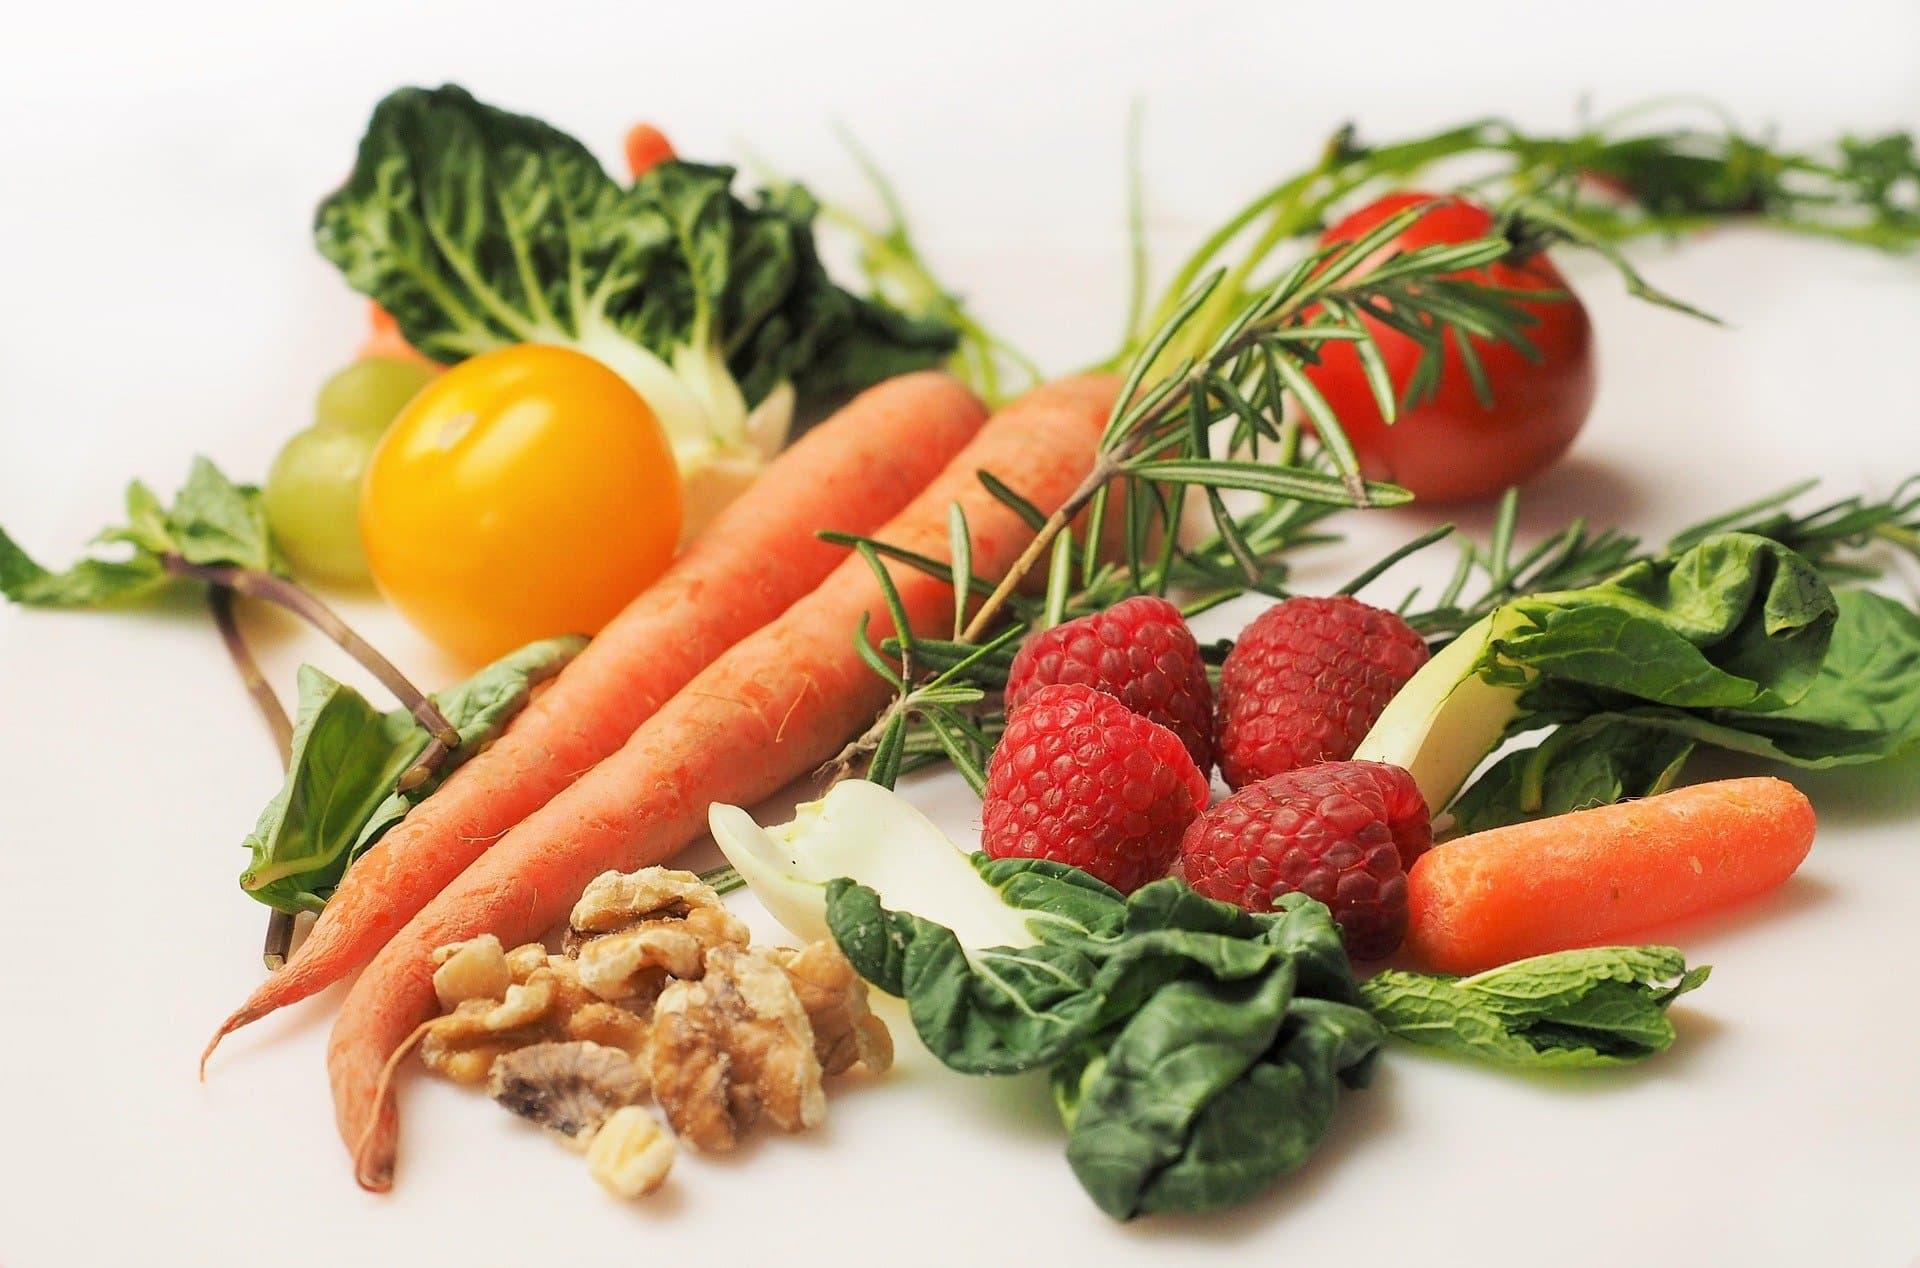 Immunsystem-Stärkung durch gesunde Ernährung